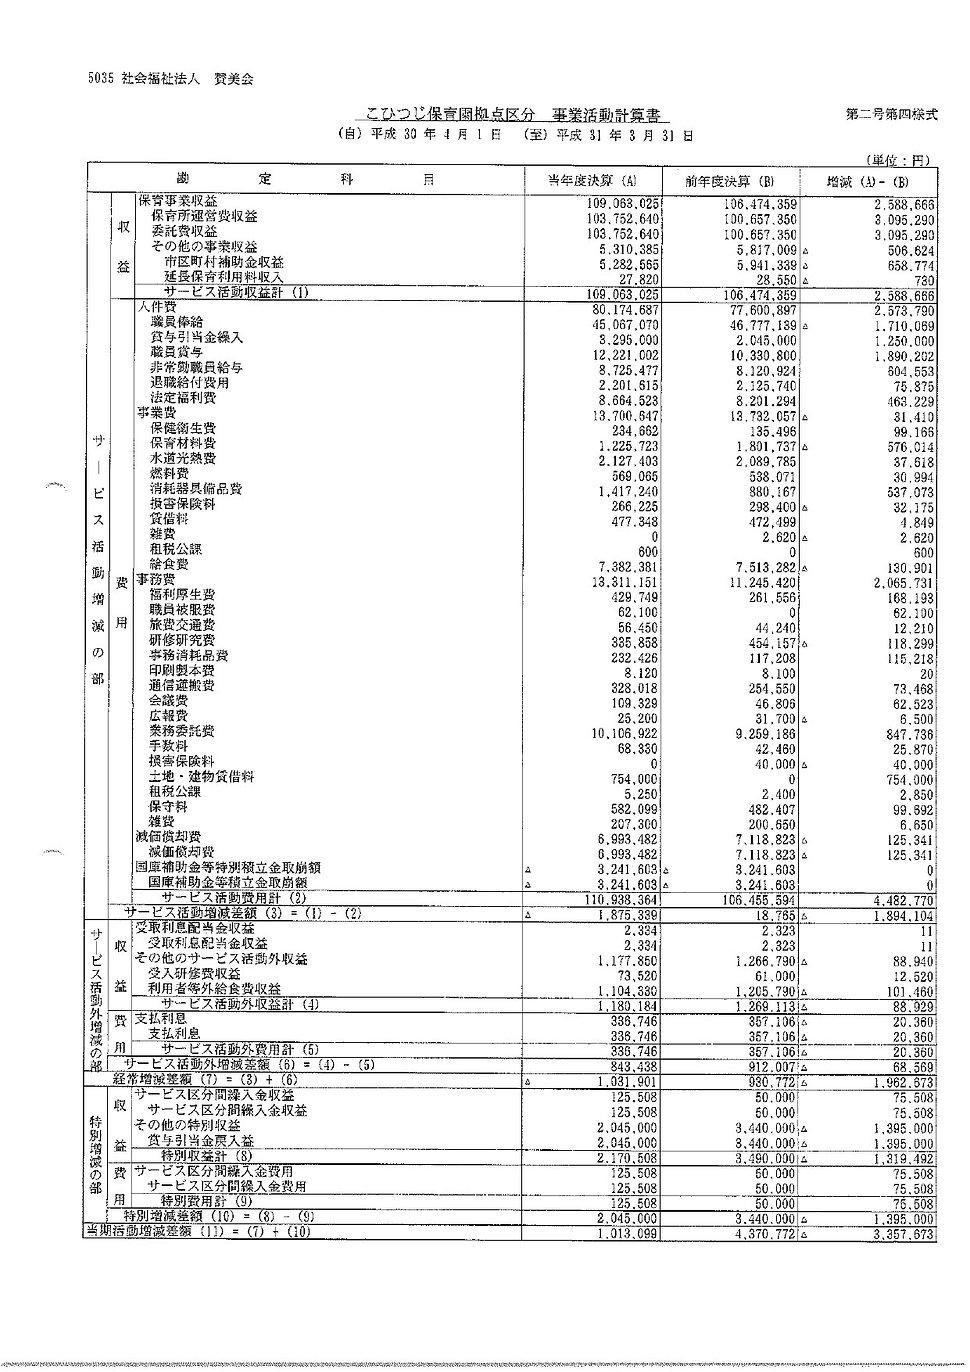 決算書①_page-0003.jpg